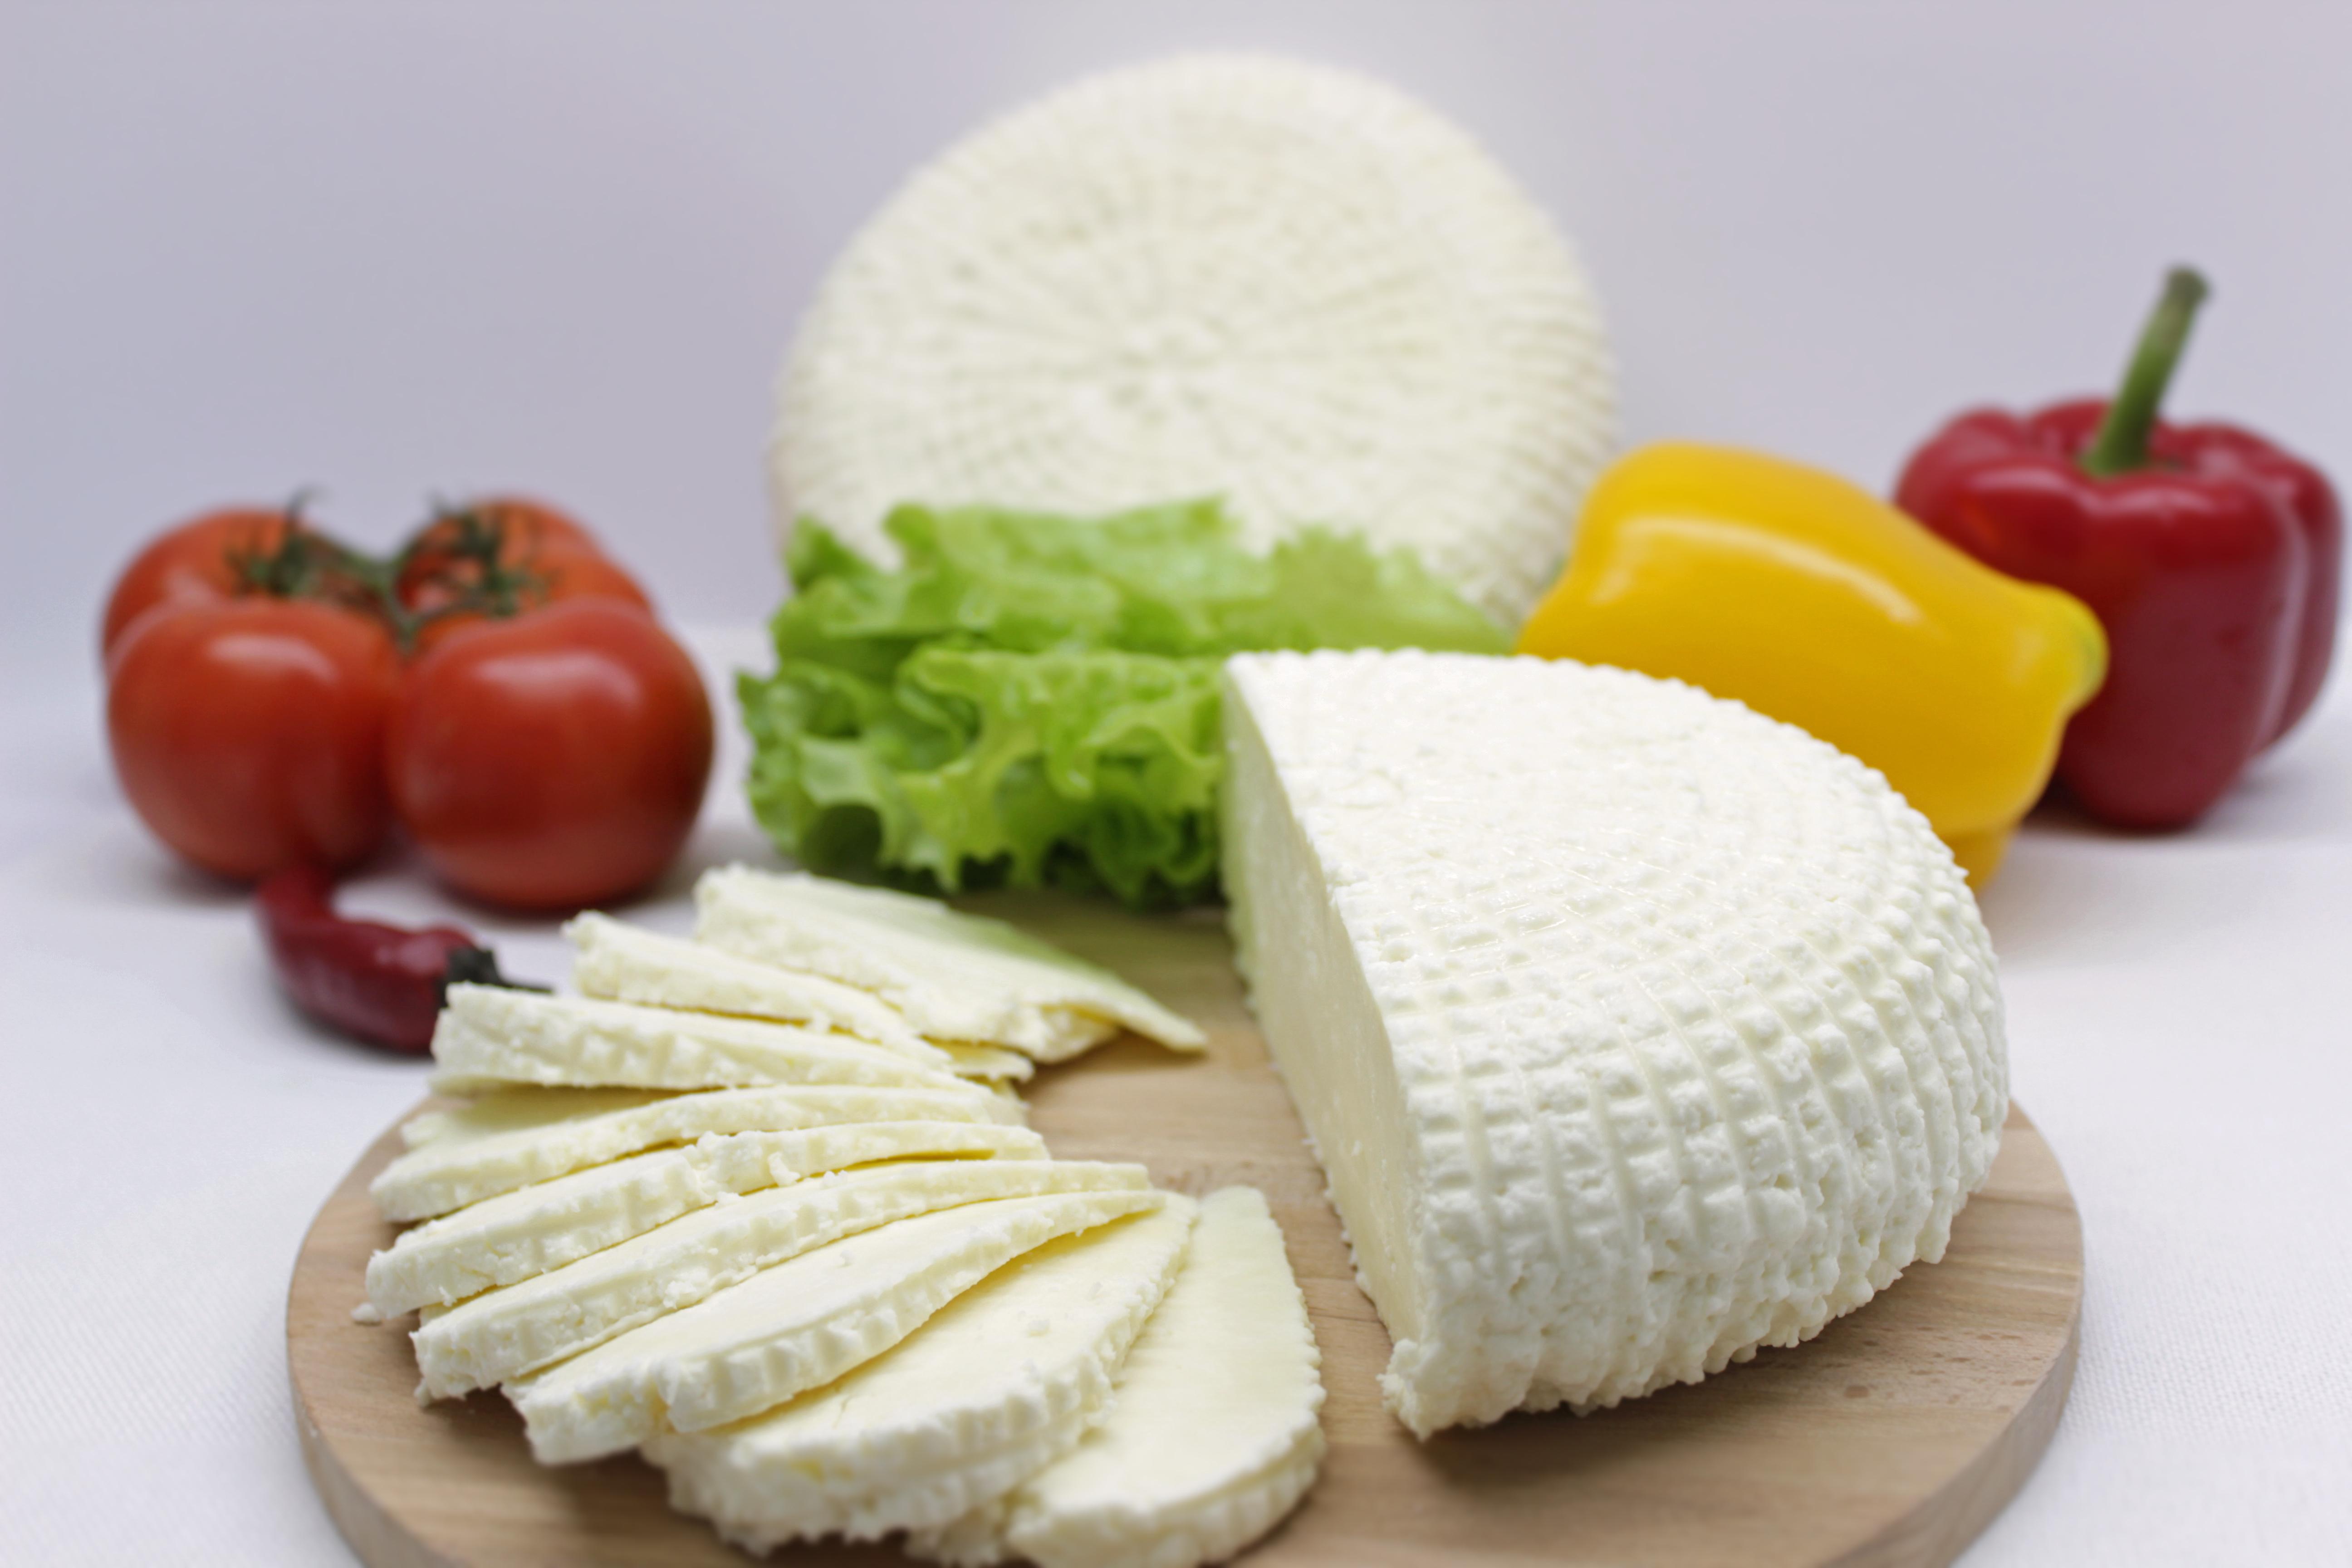 Домашний Сыр Кто На Диете. Сырная диета: можно ли есть сыр при похудении